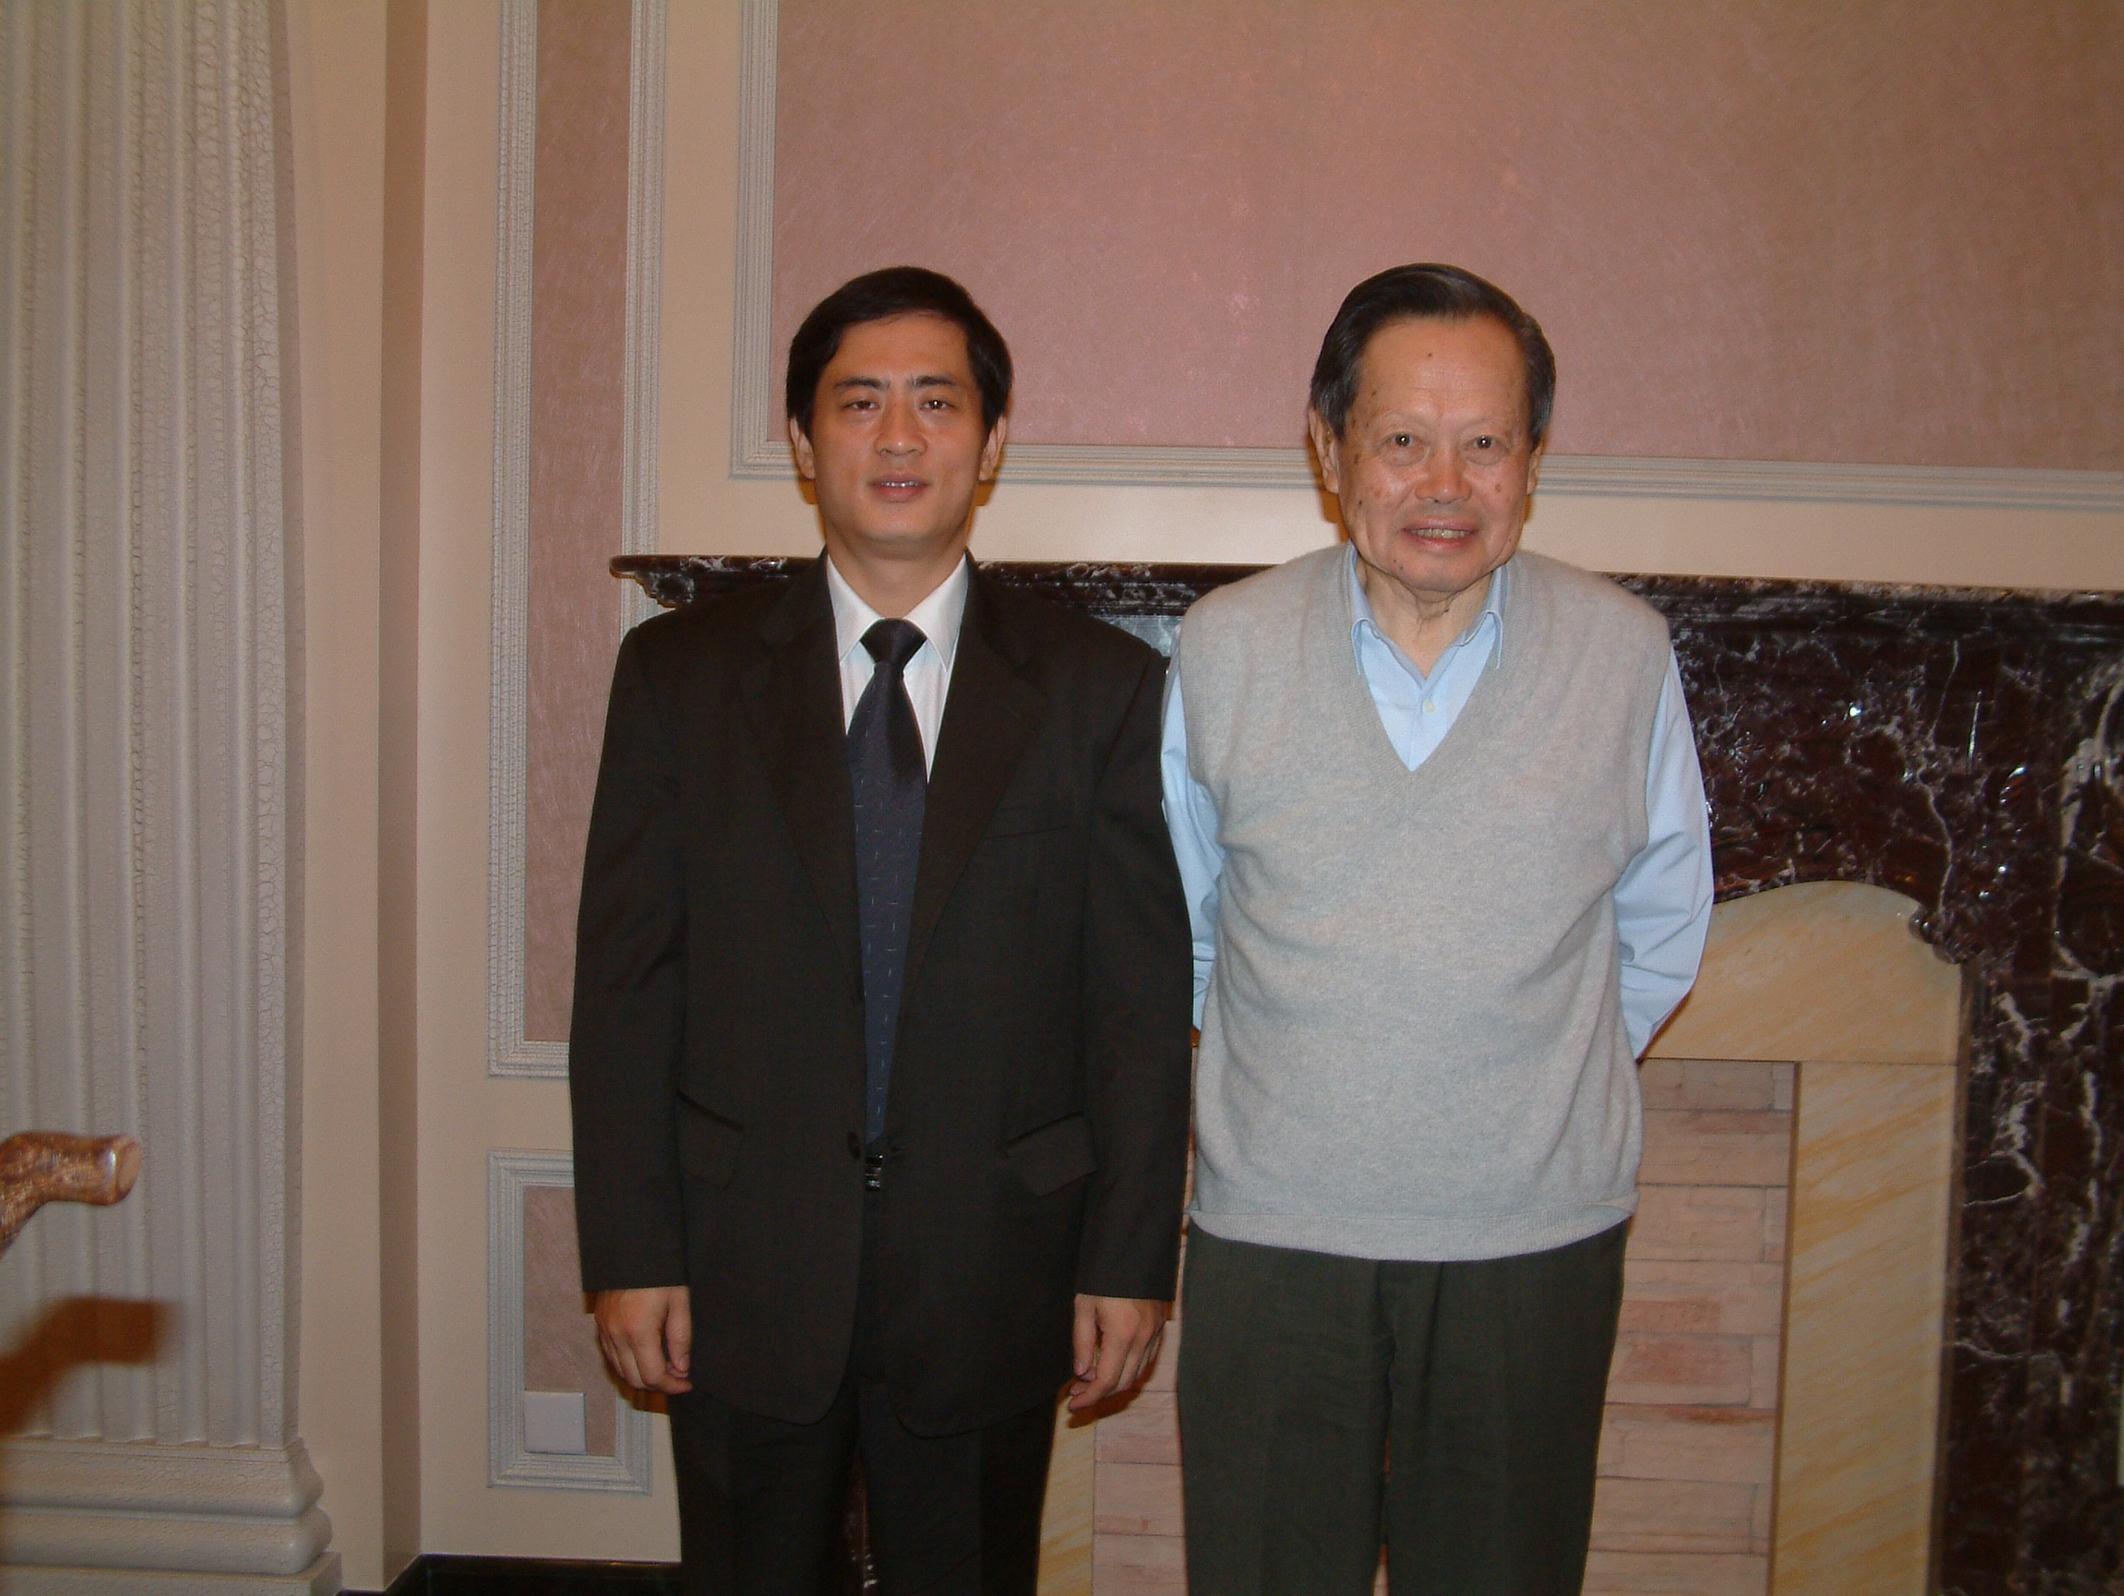 陳斌總裁與諾貝爾物理學獎得主楊振寧合影